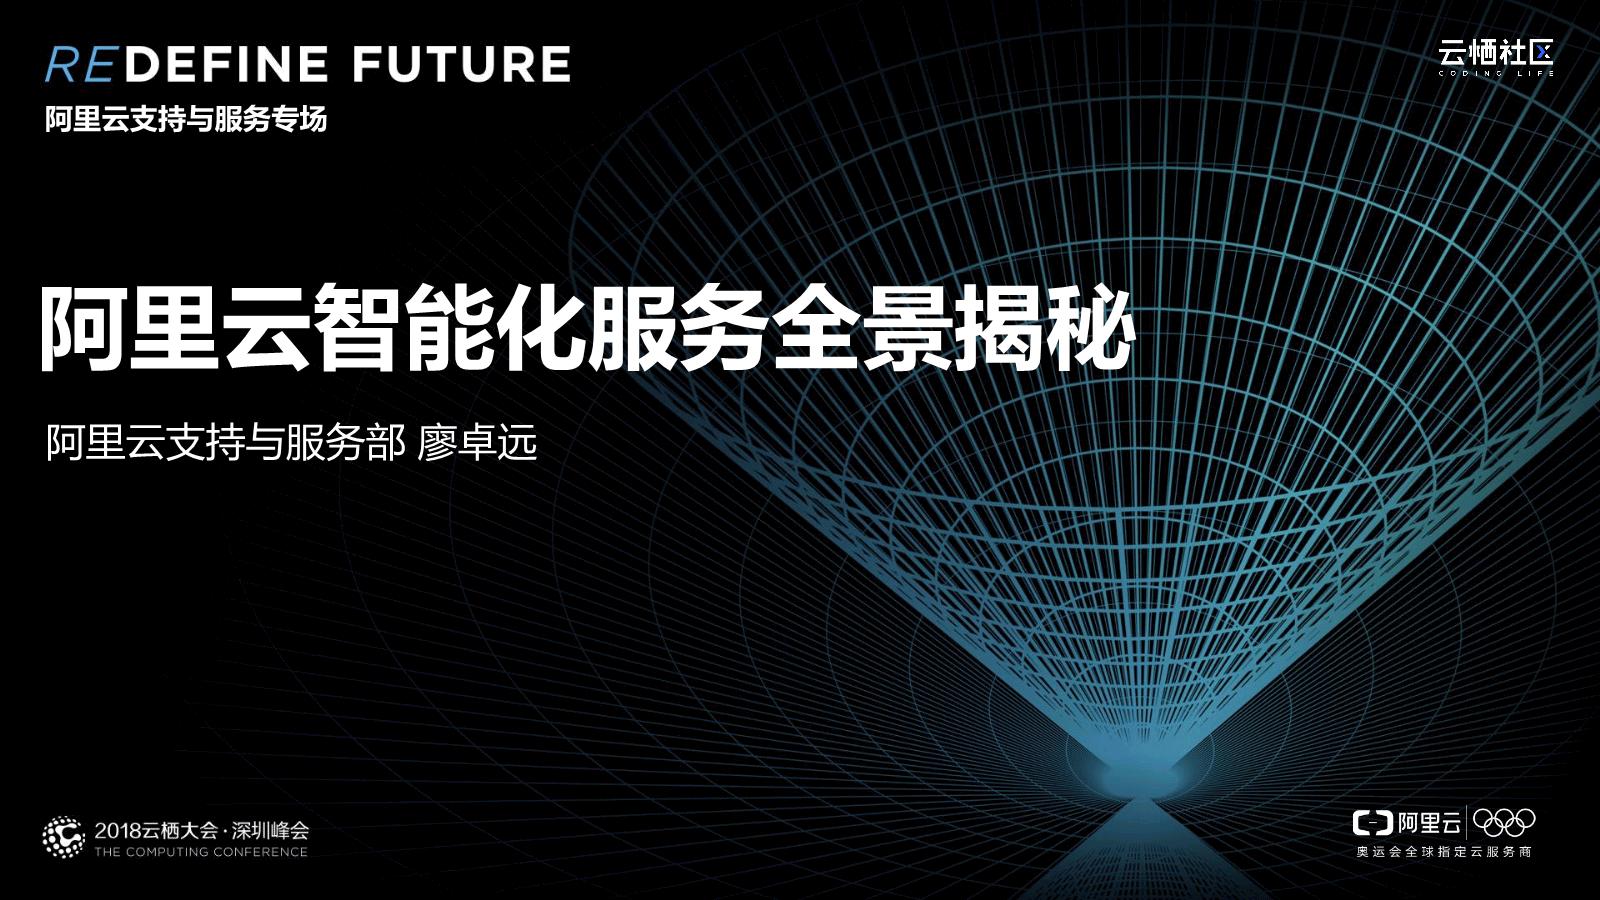 廖卓远-阿里云智能化服务全景揭秘